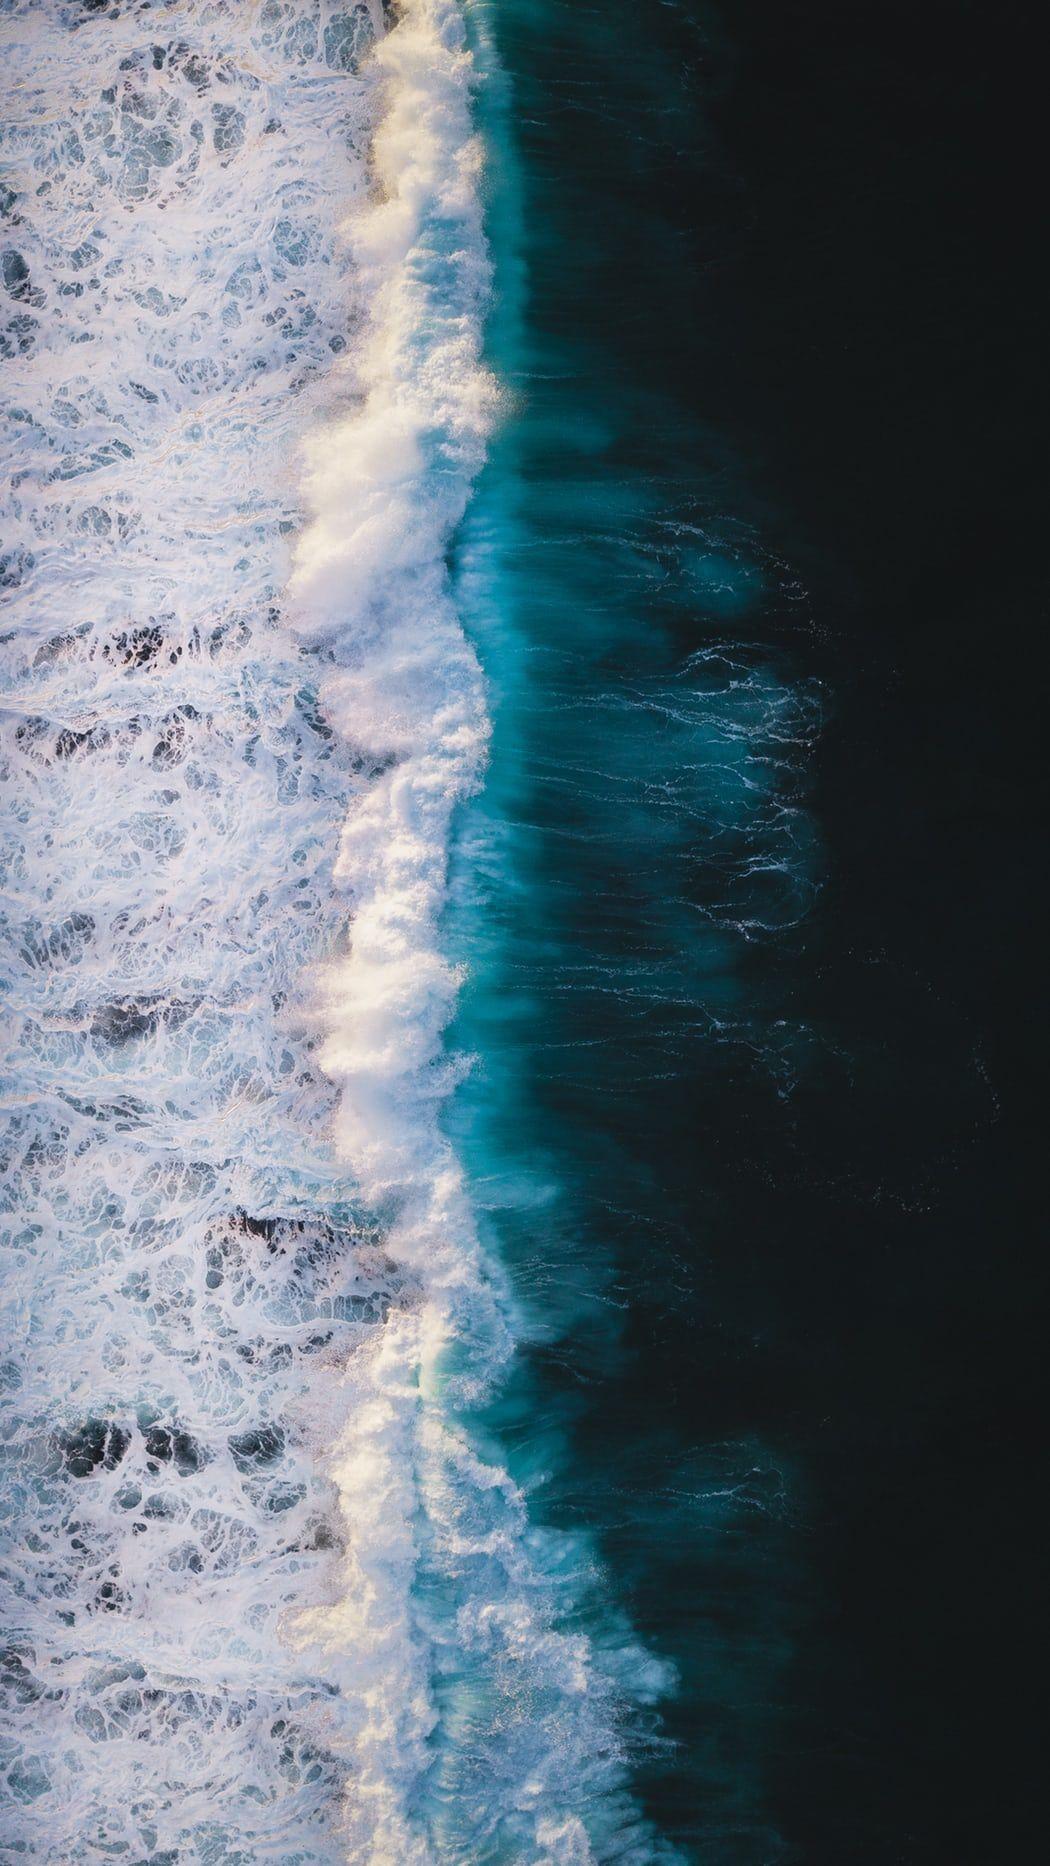 Water Outdoors Nature And Ocean Hd Photo By Jan Antonin Kolar Jankolar On Unsplash Ocean Wallpaper Ocean Aesthetic Ocean Waves Photos